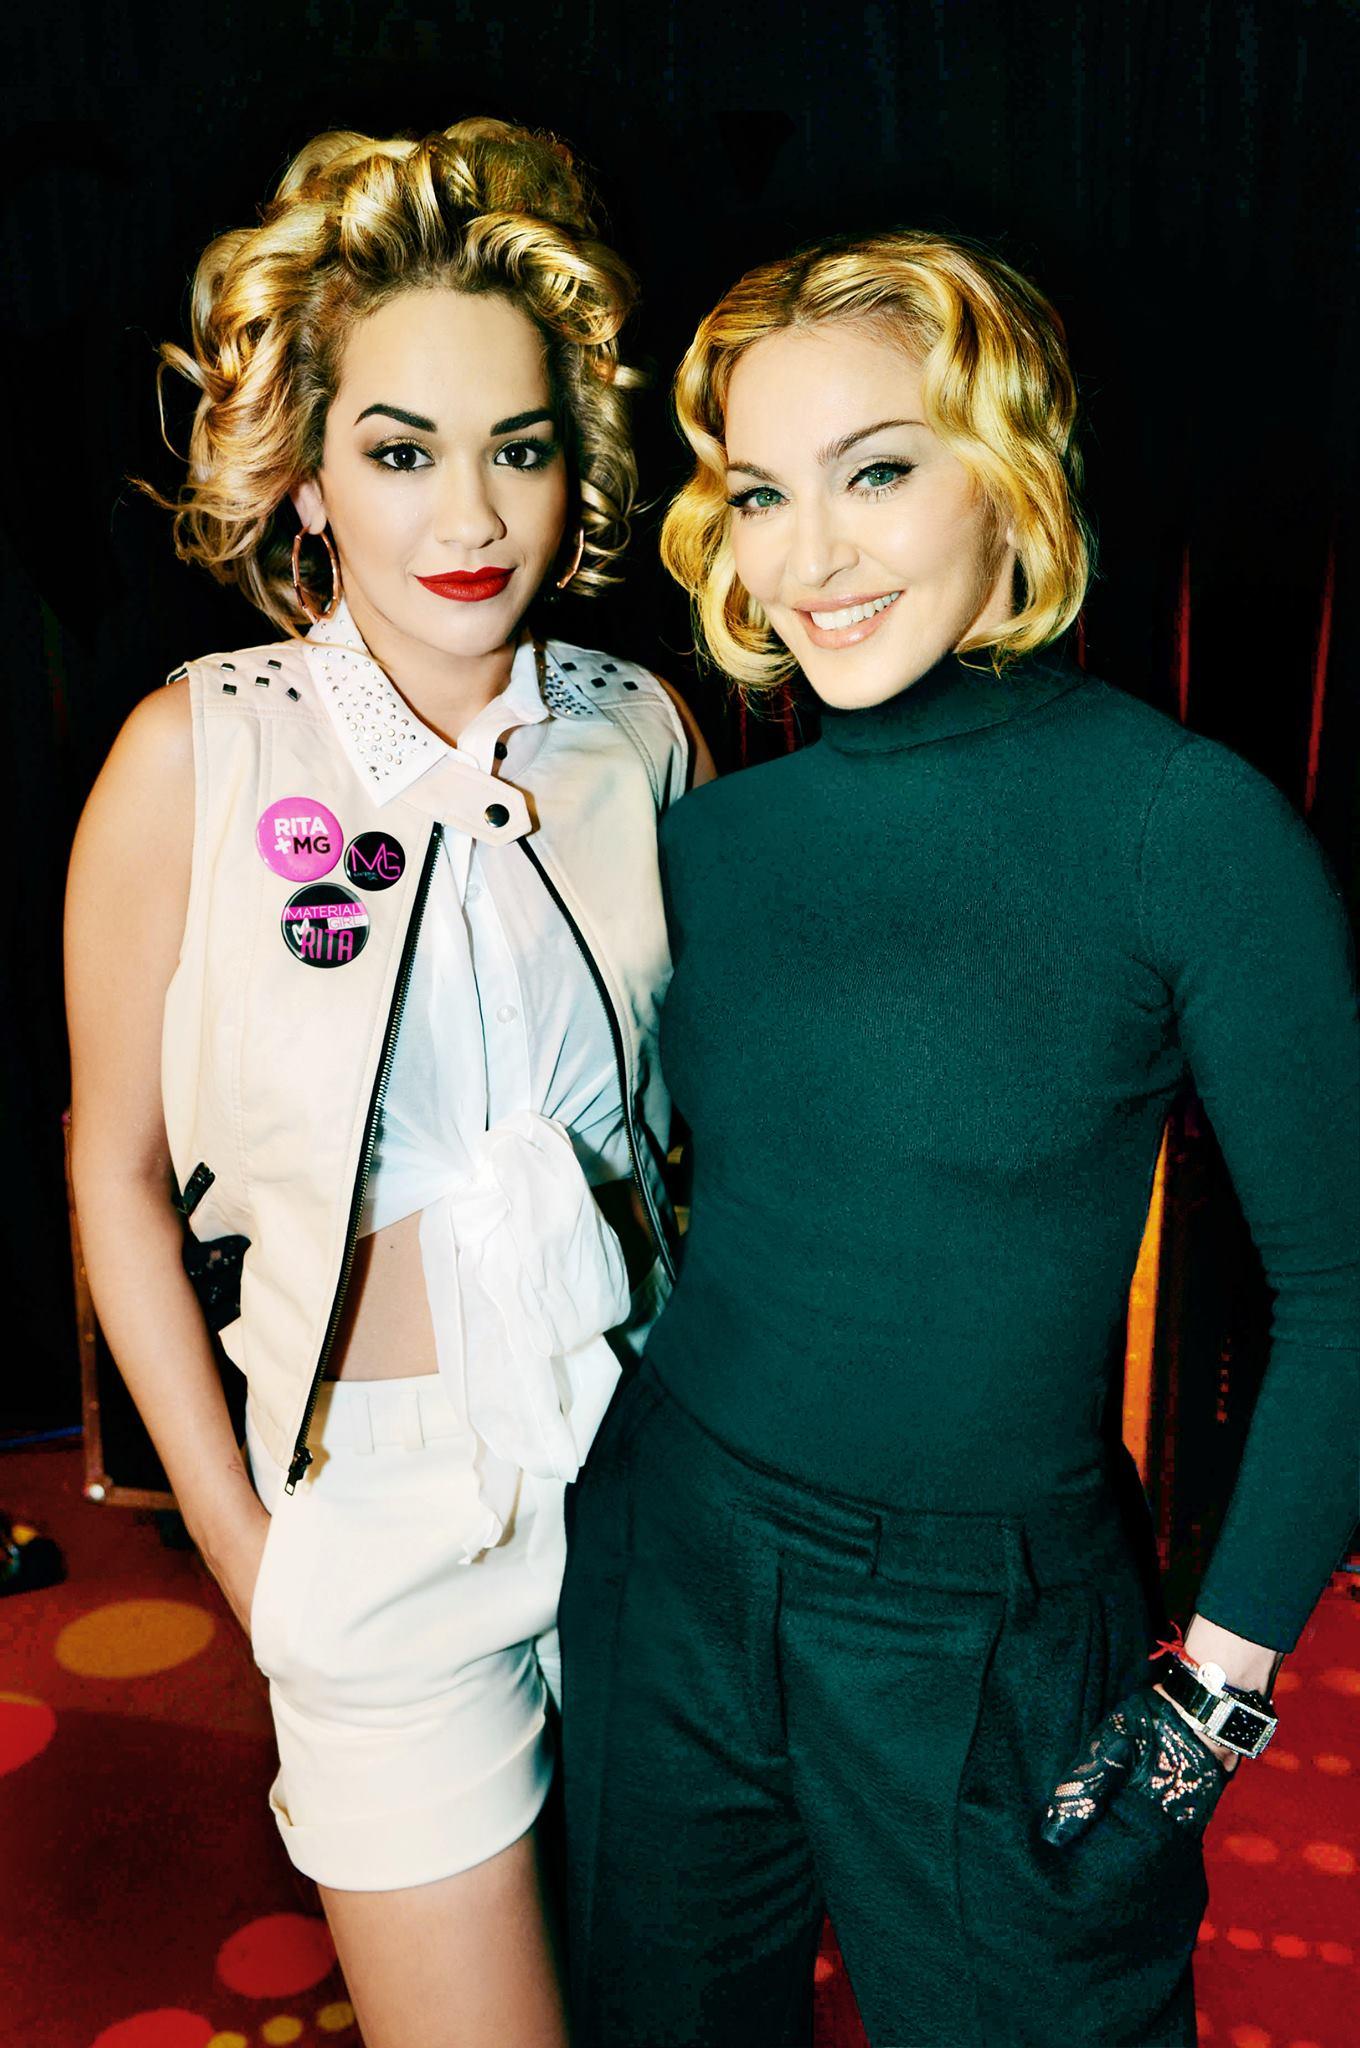 """Colección """"Material Girl"""" (Madonna & Lola) - Página 2 20130611-news-madonna-material-girl-rita-ora-01"""